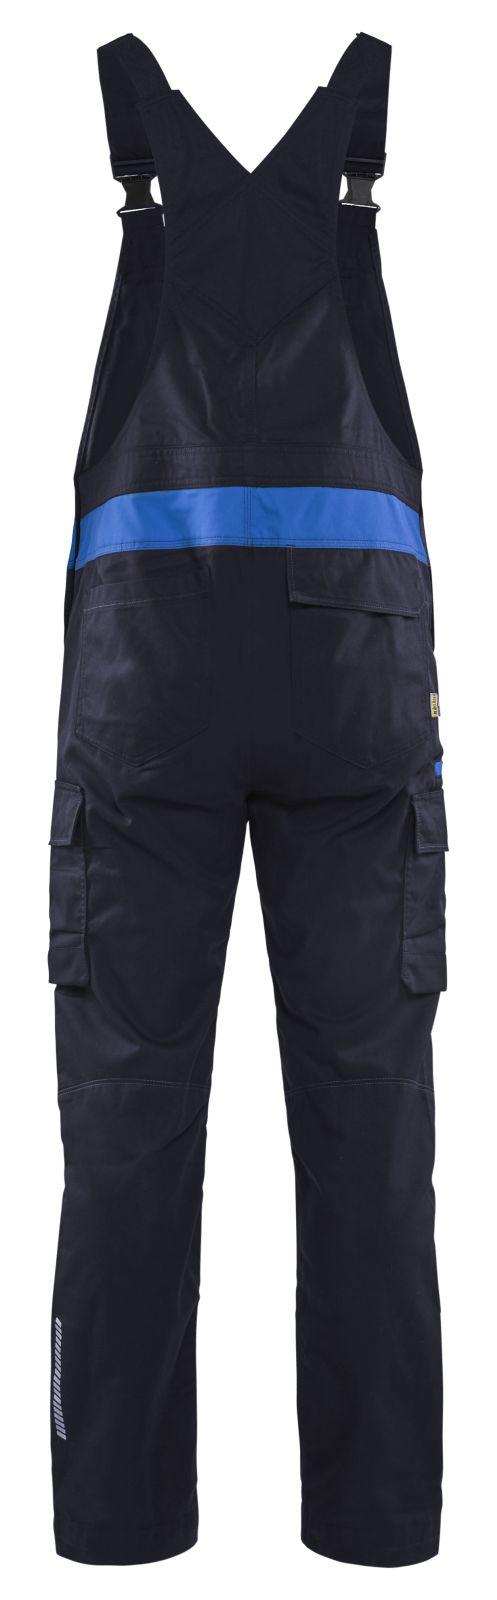 Blaklader Am. Overalls 26441832 marineblauw-korenblauw(8985)